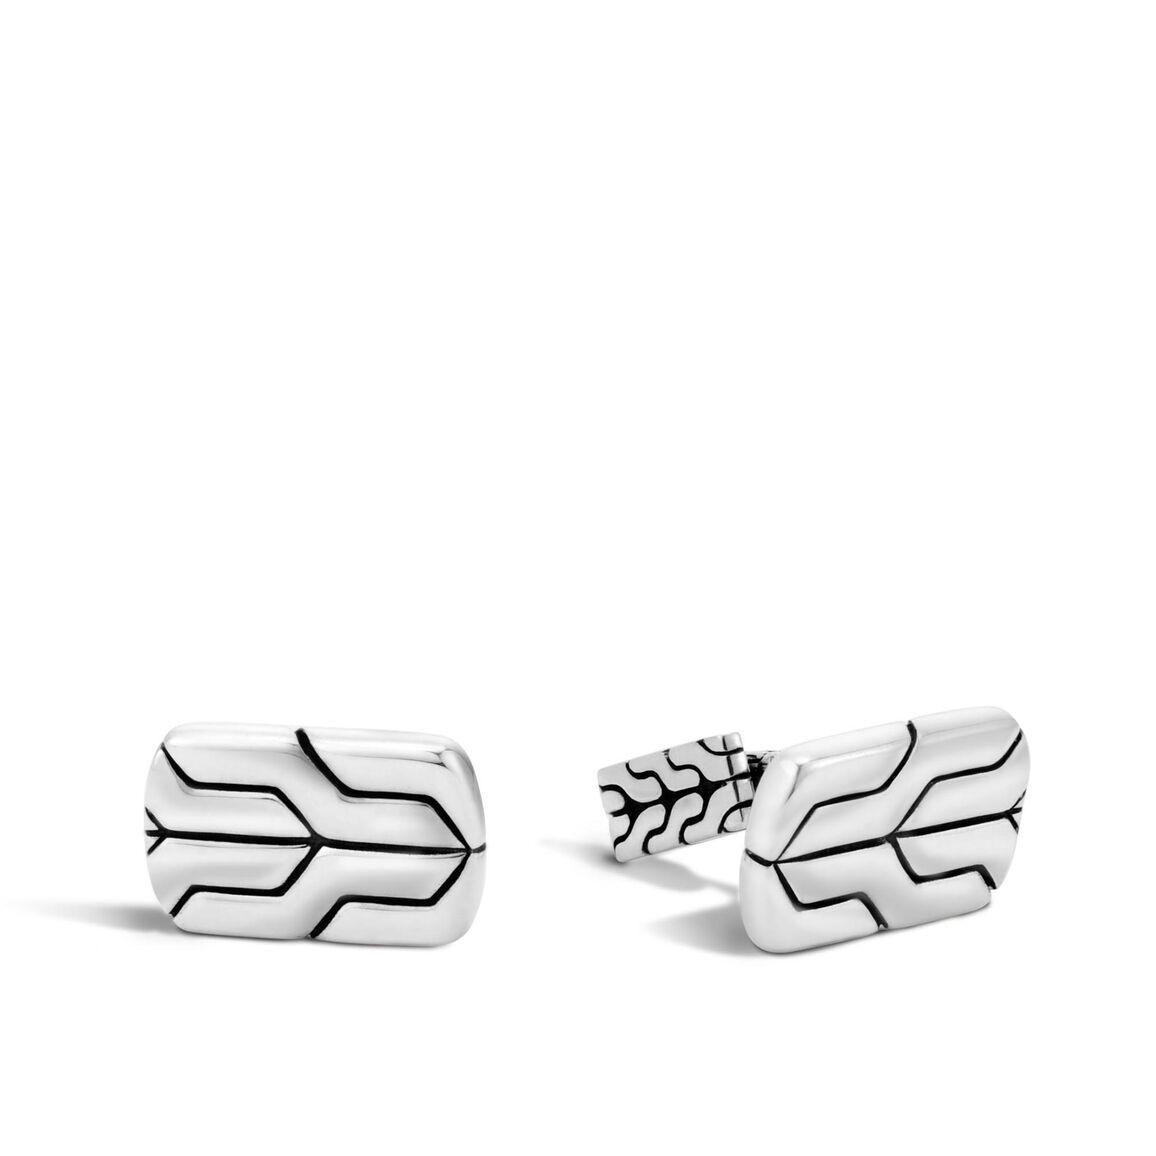 Classic Chain Cufflinks in Silver